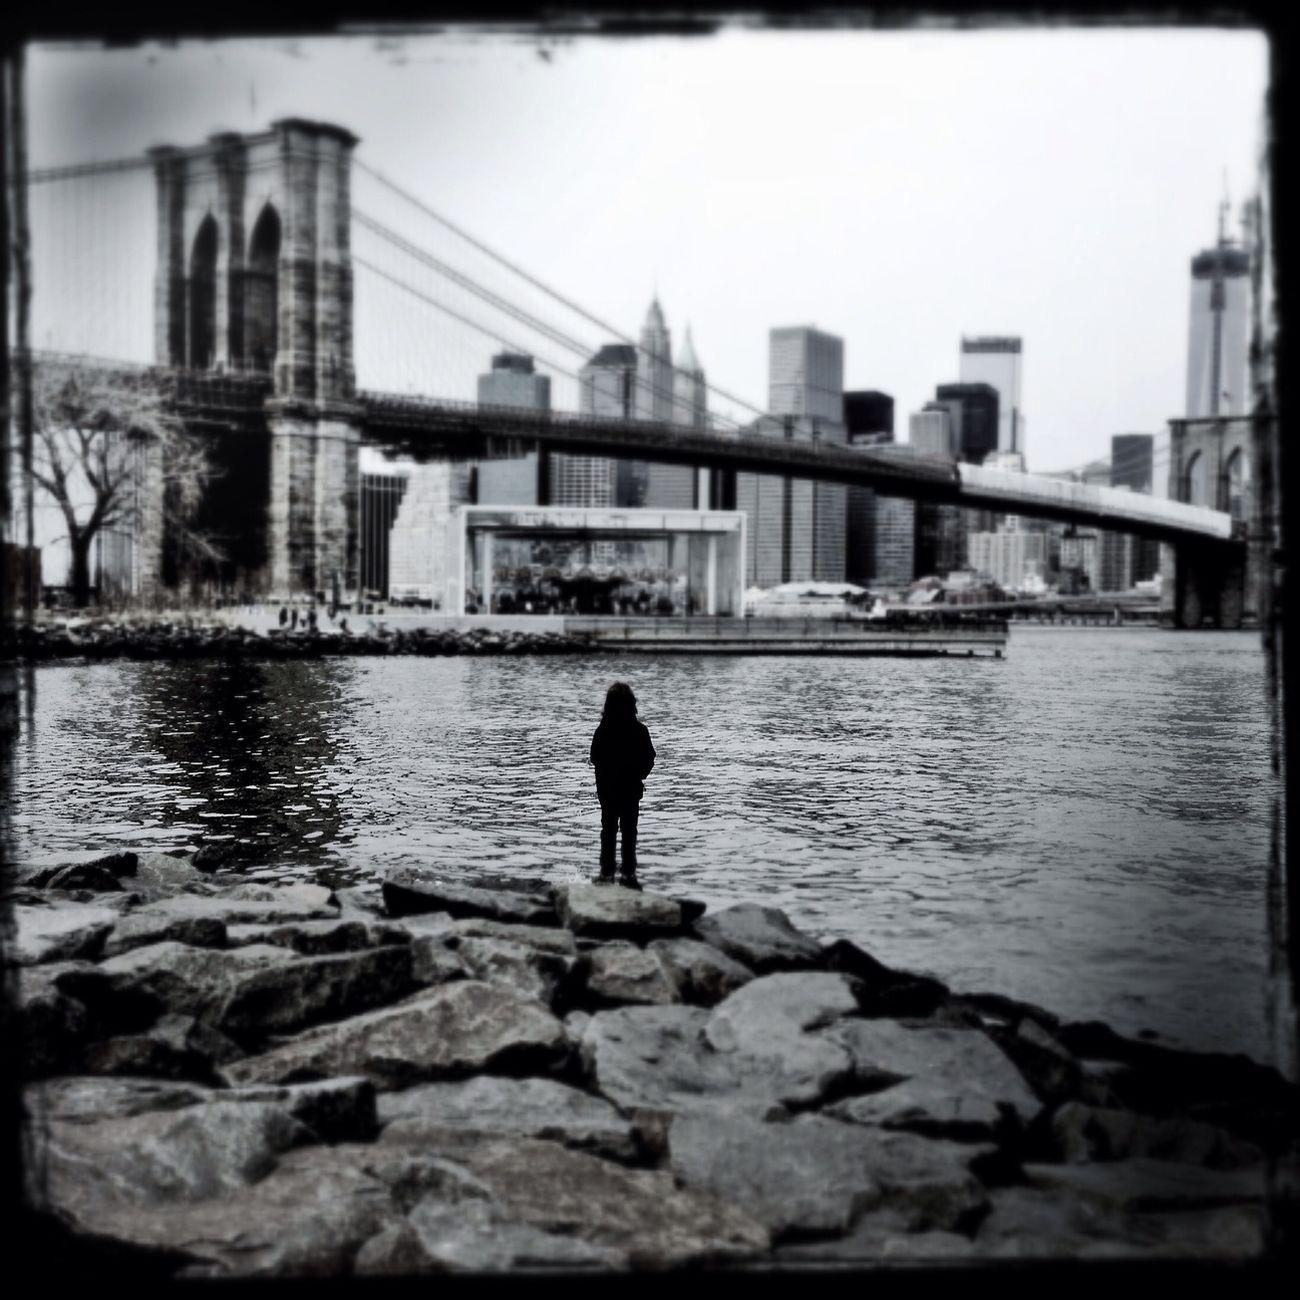 Blackandwhite New York Monochrome Brooklyn Bridge